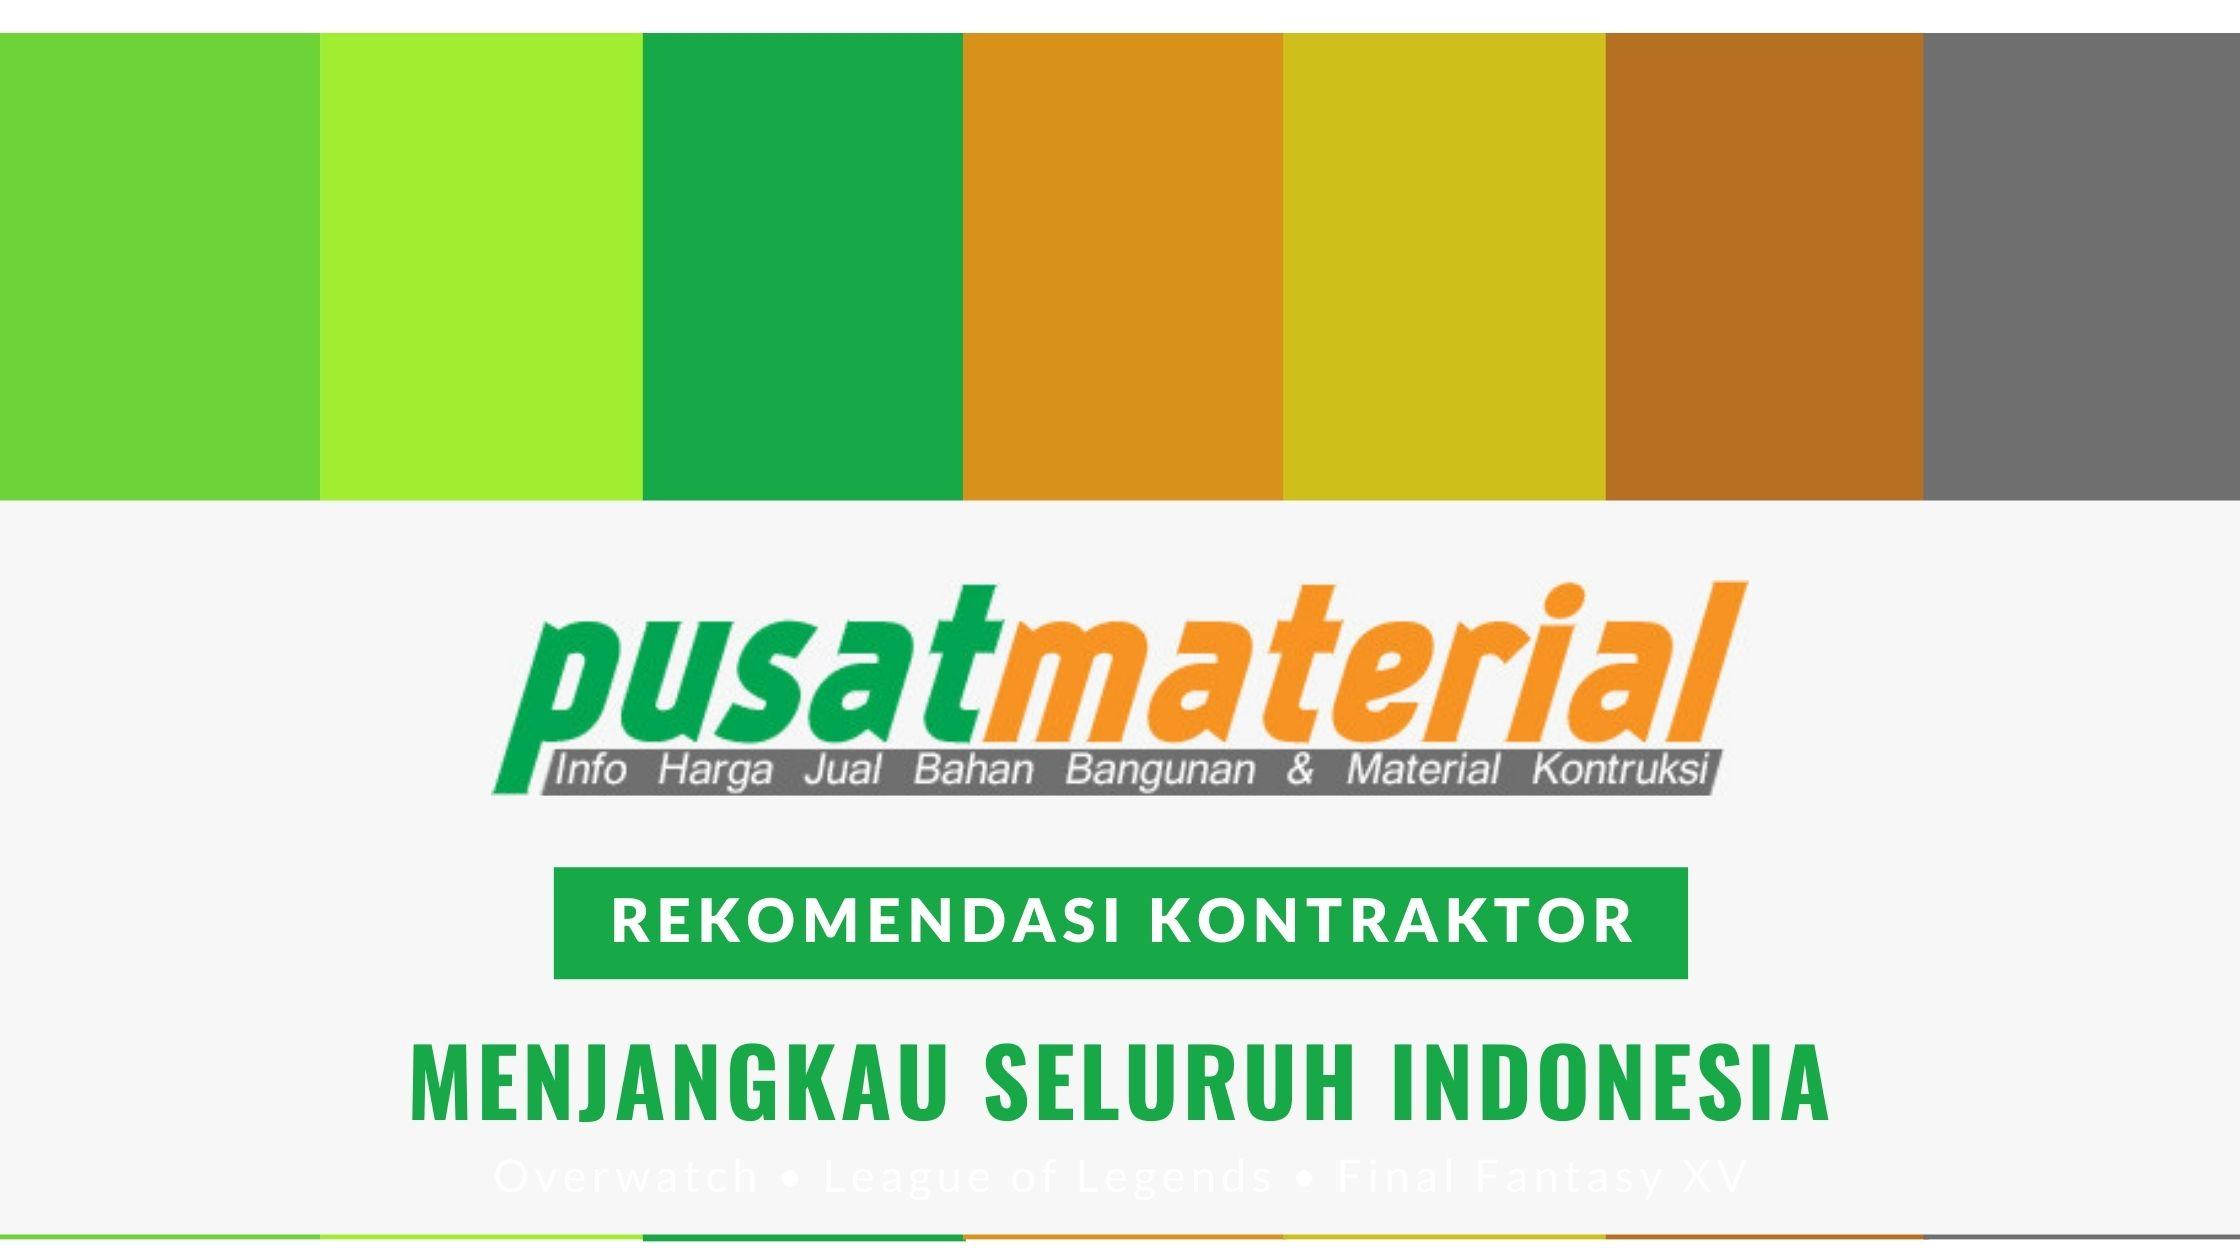 Pusat material rekomendasi kontraktor menjangkau seluruh indonesia